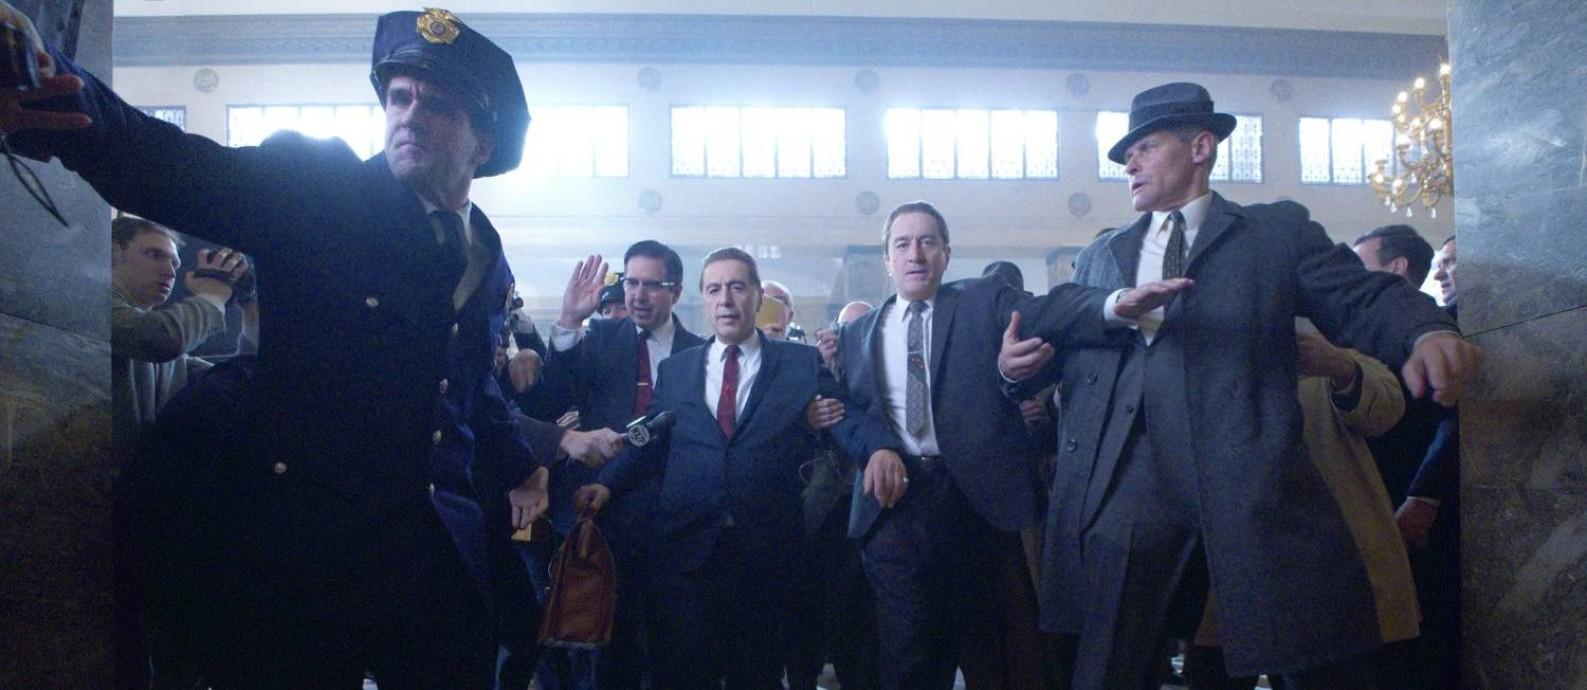 'O irlandês' filme de Martin Scorsese com Al Pacino e Robert De Niro é um dos favoritos na disputa do Globo de Ouro Foto: Niko Tavernise / NETFLIX